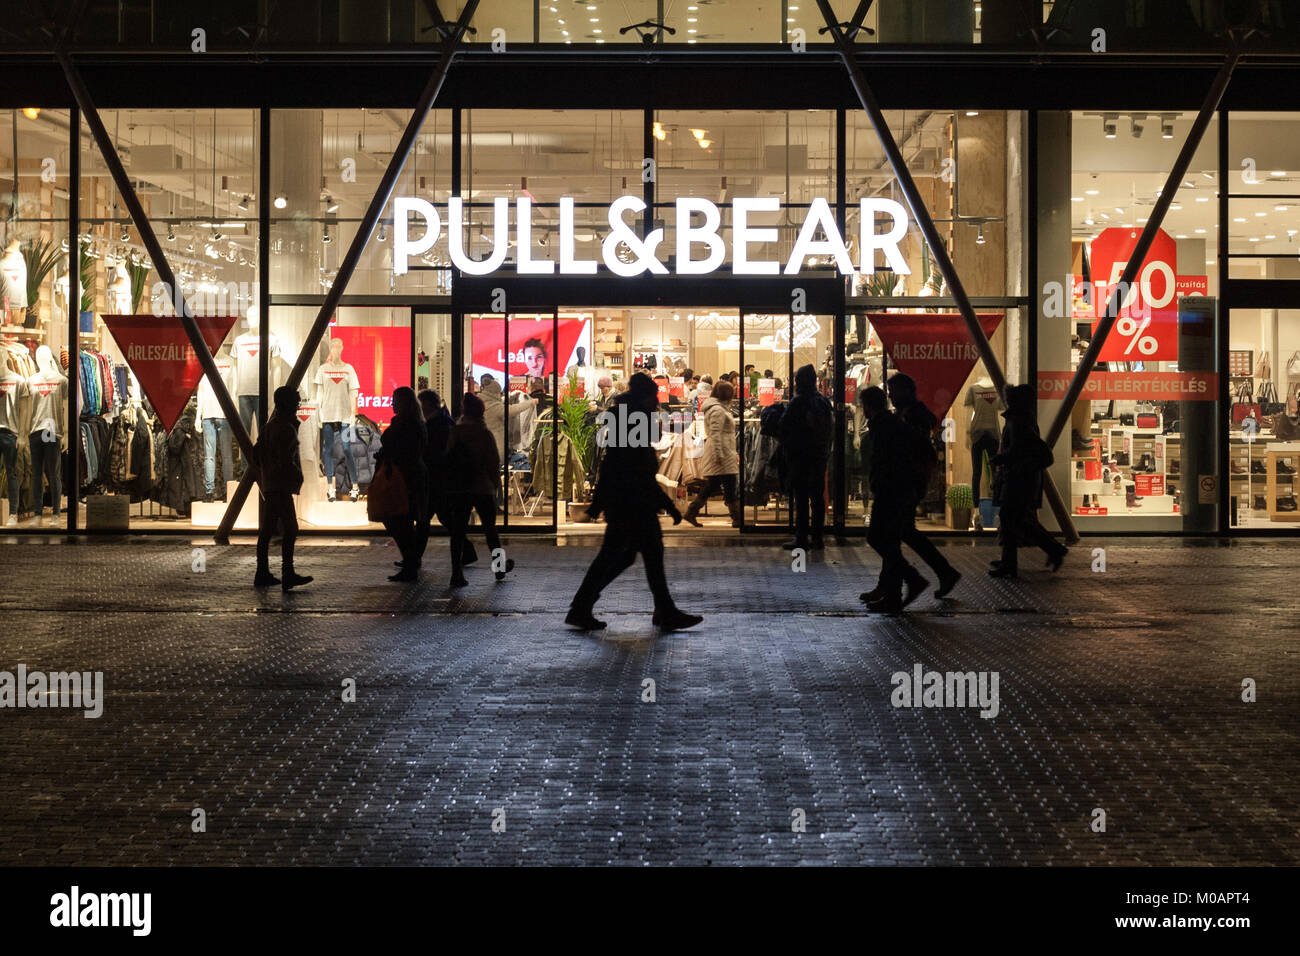 Suchergebnis auf für: PULL & BEAR: Bekleidung